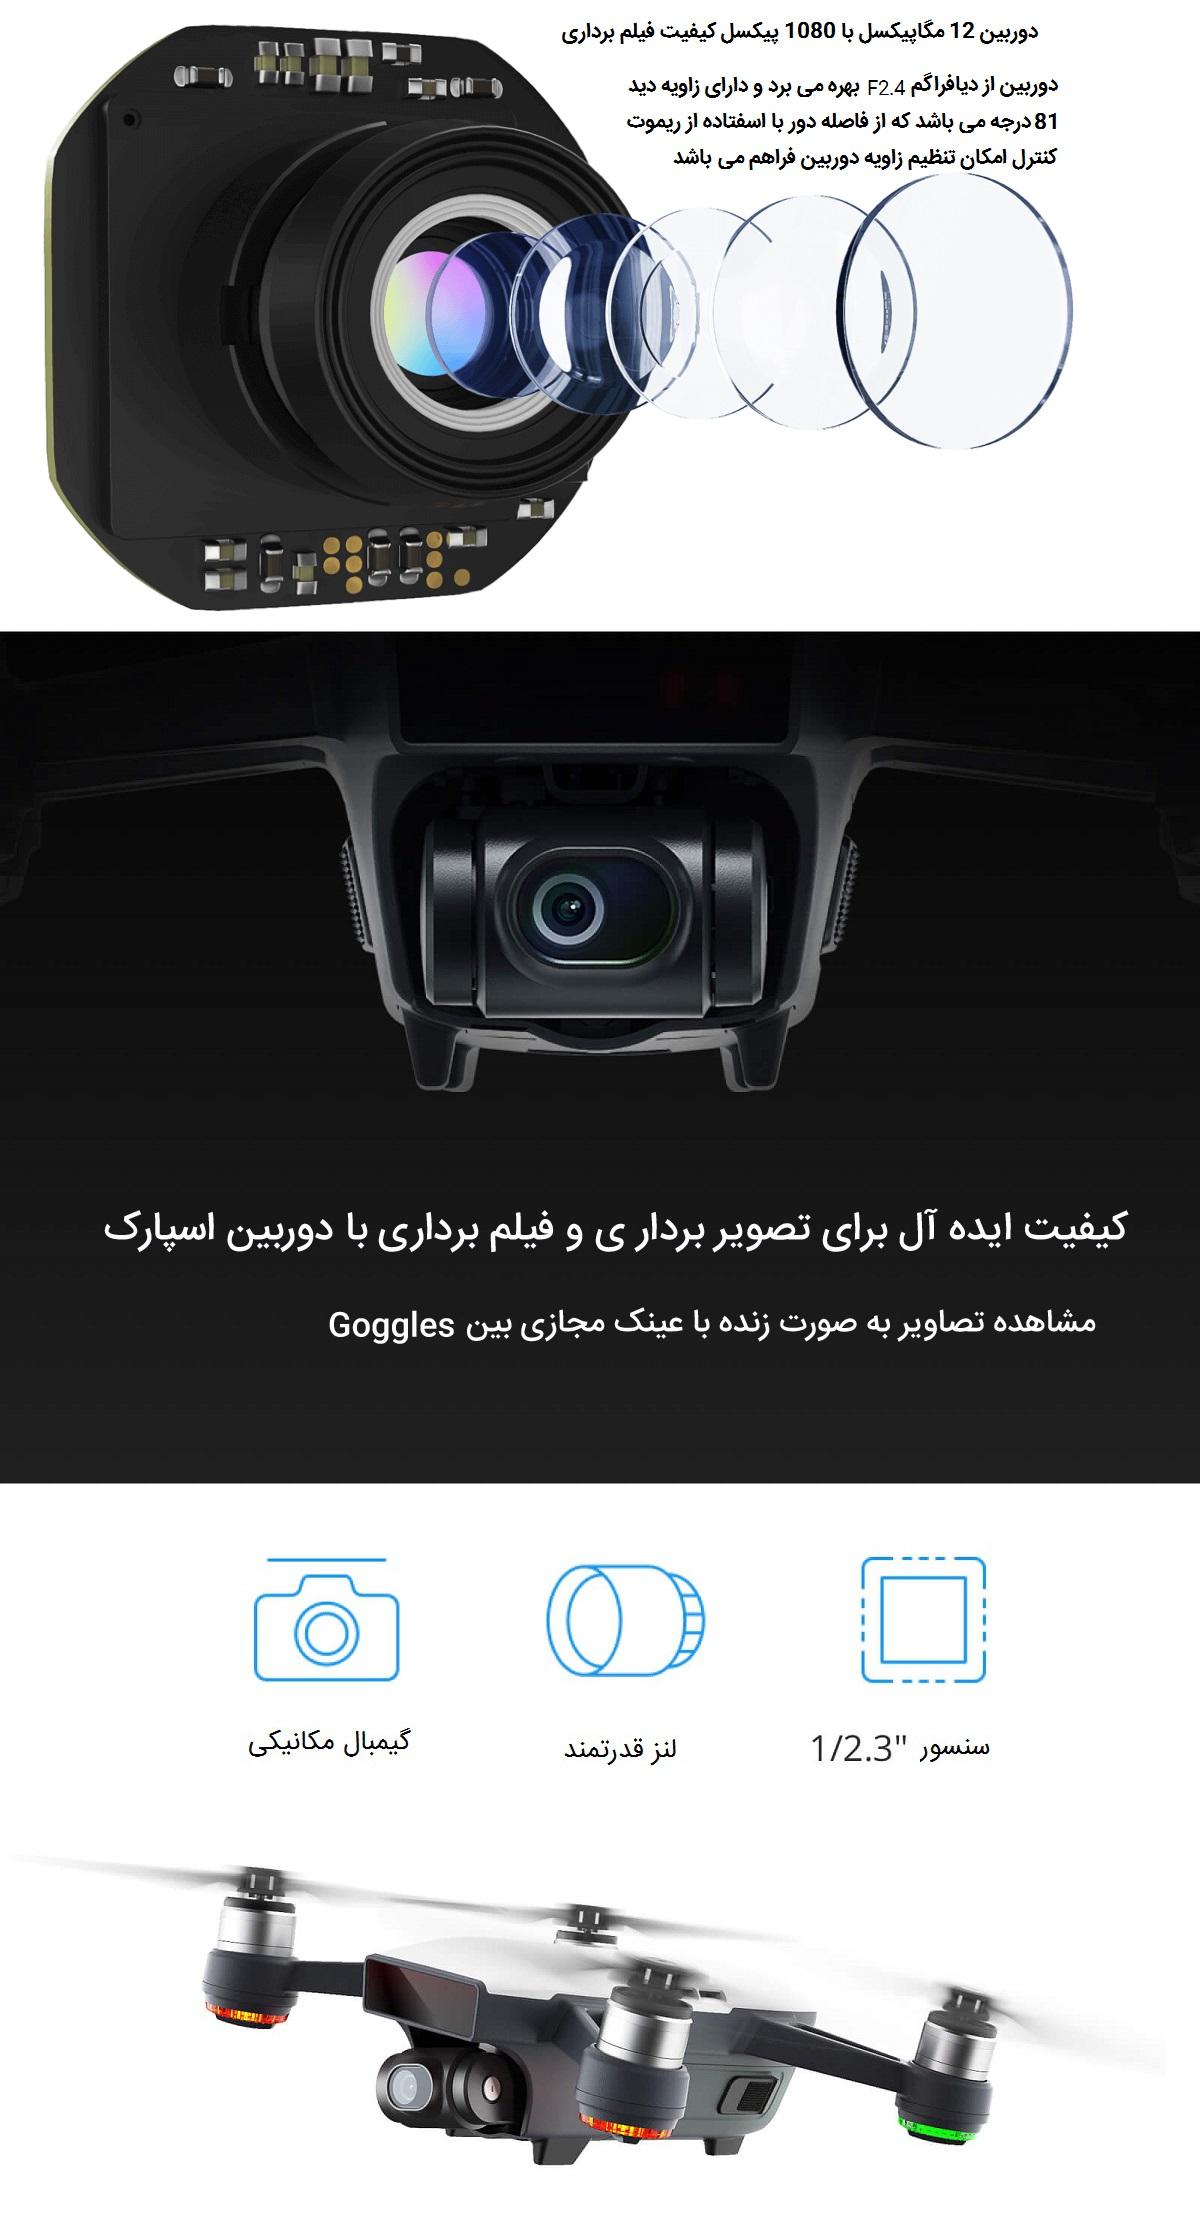 ثبت تصاویر حرفه ای با دوربین پیشرفته اسپارک